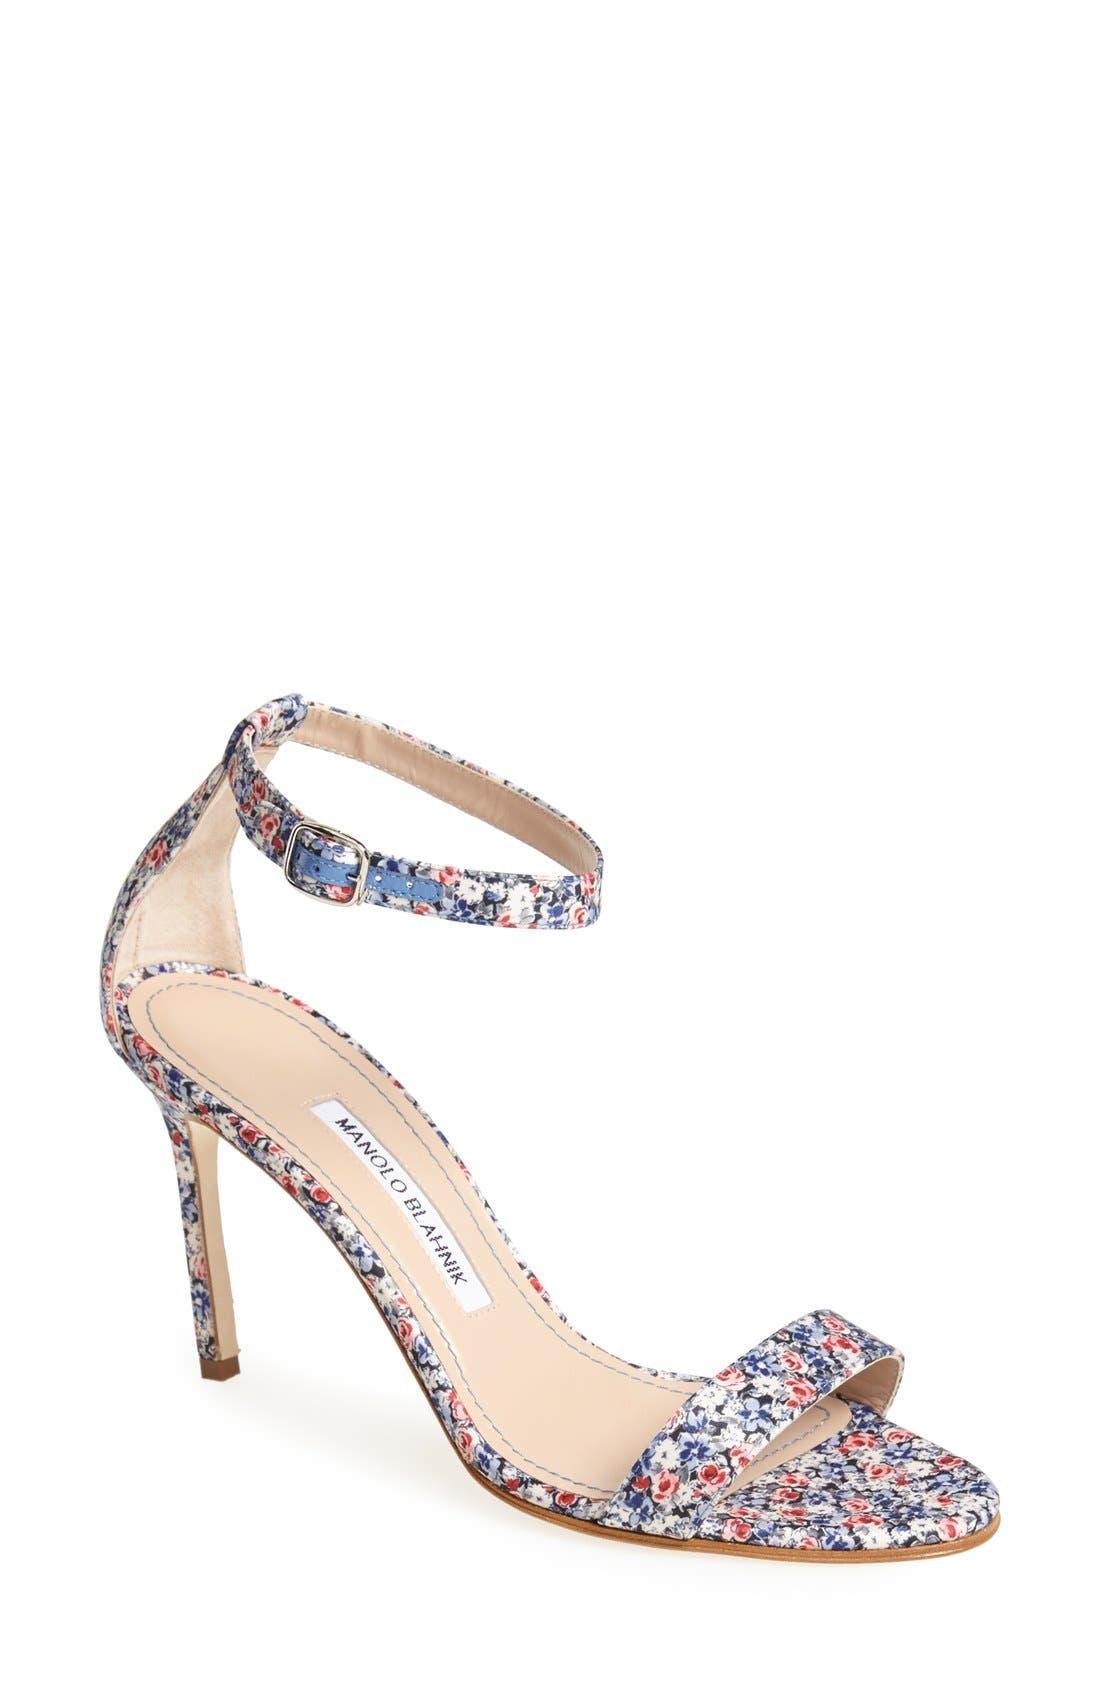 Main Image - Manolo Blahnik 'Chaos' Ankle Strap Sandal (Women)